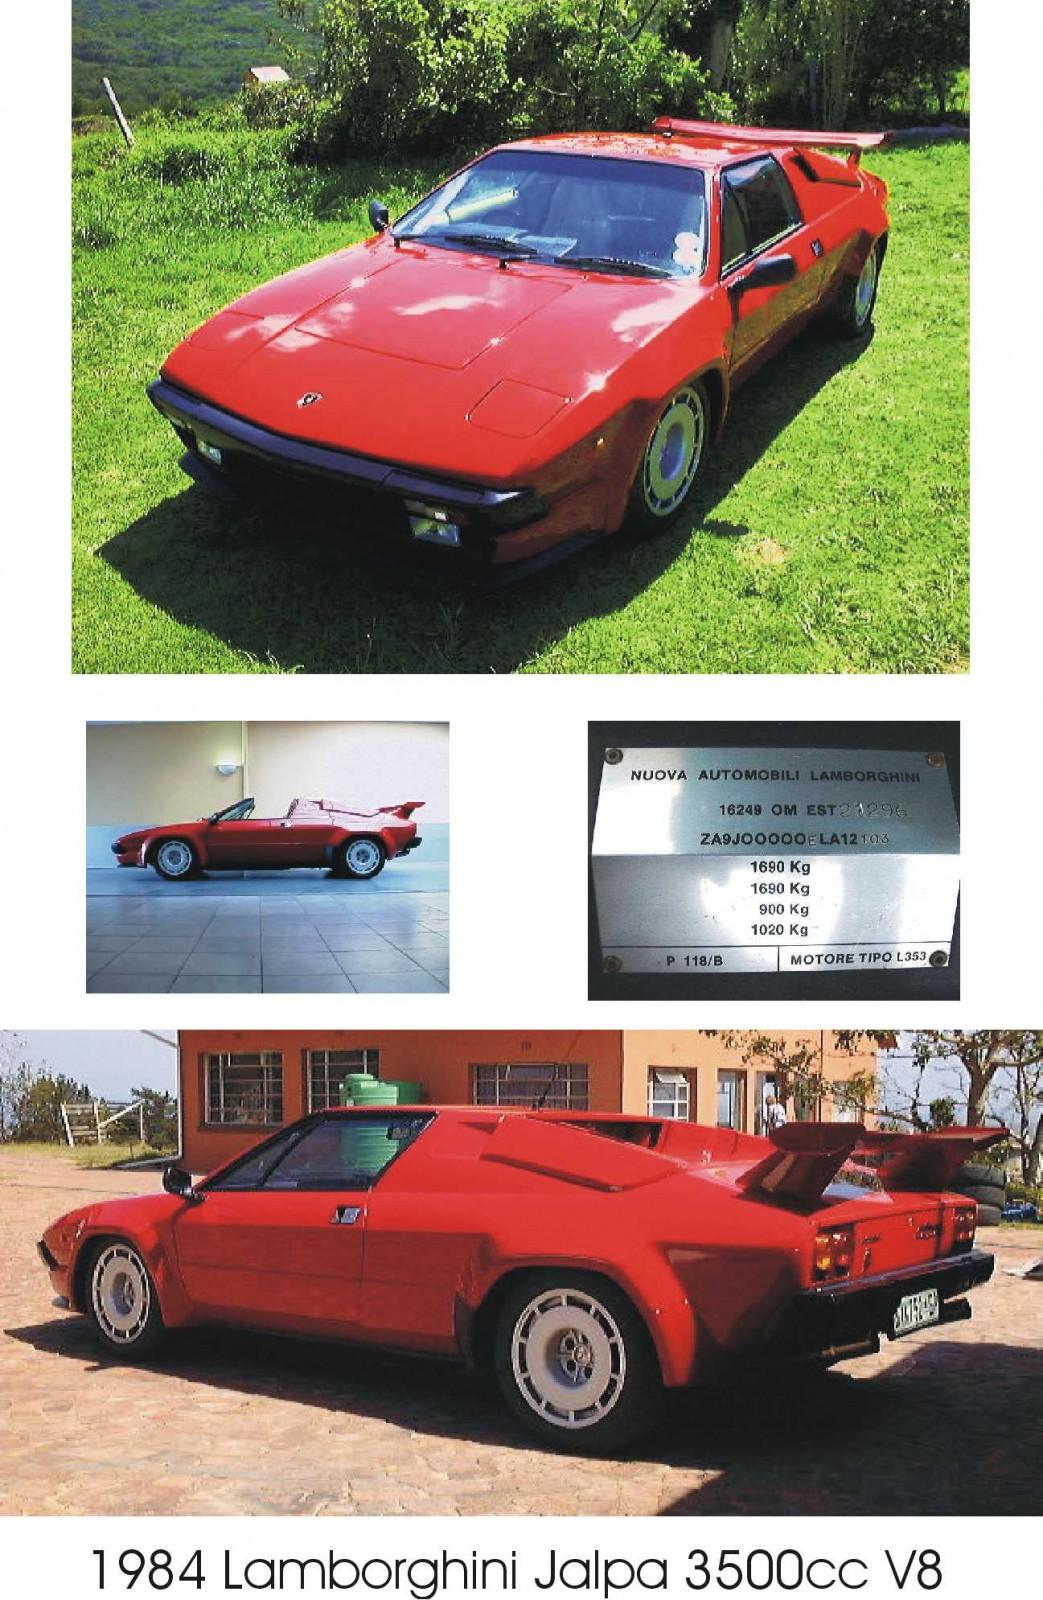 Lamborghini Jalpa - Public